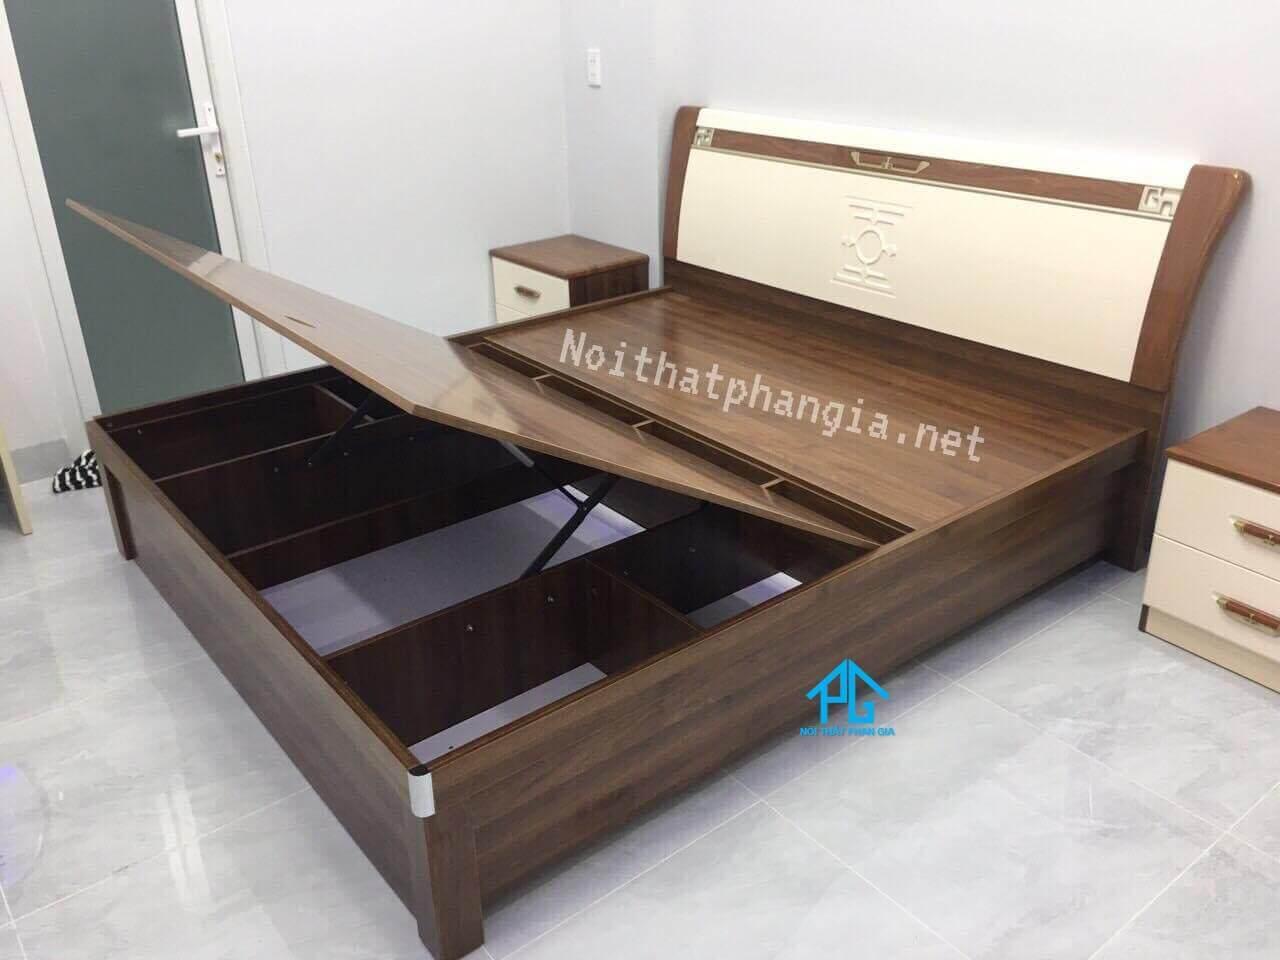 giường gỗ sồi kiểu hàng quốc